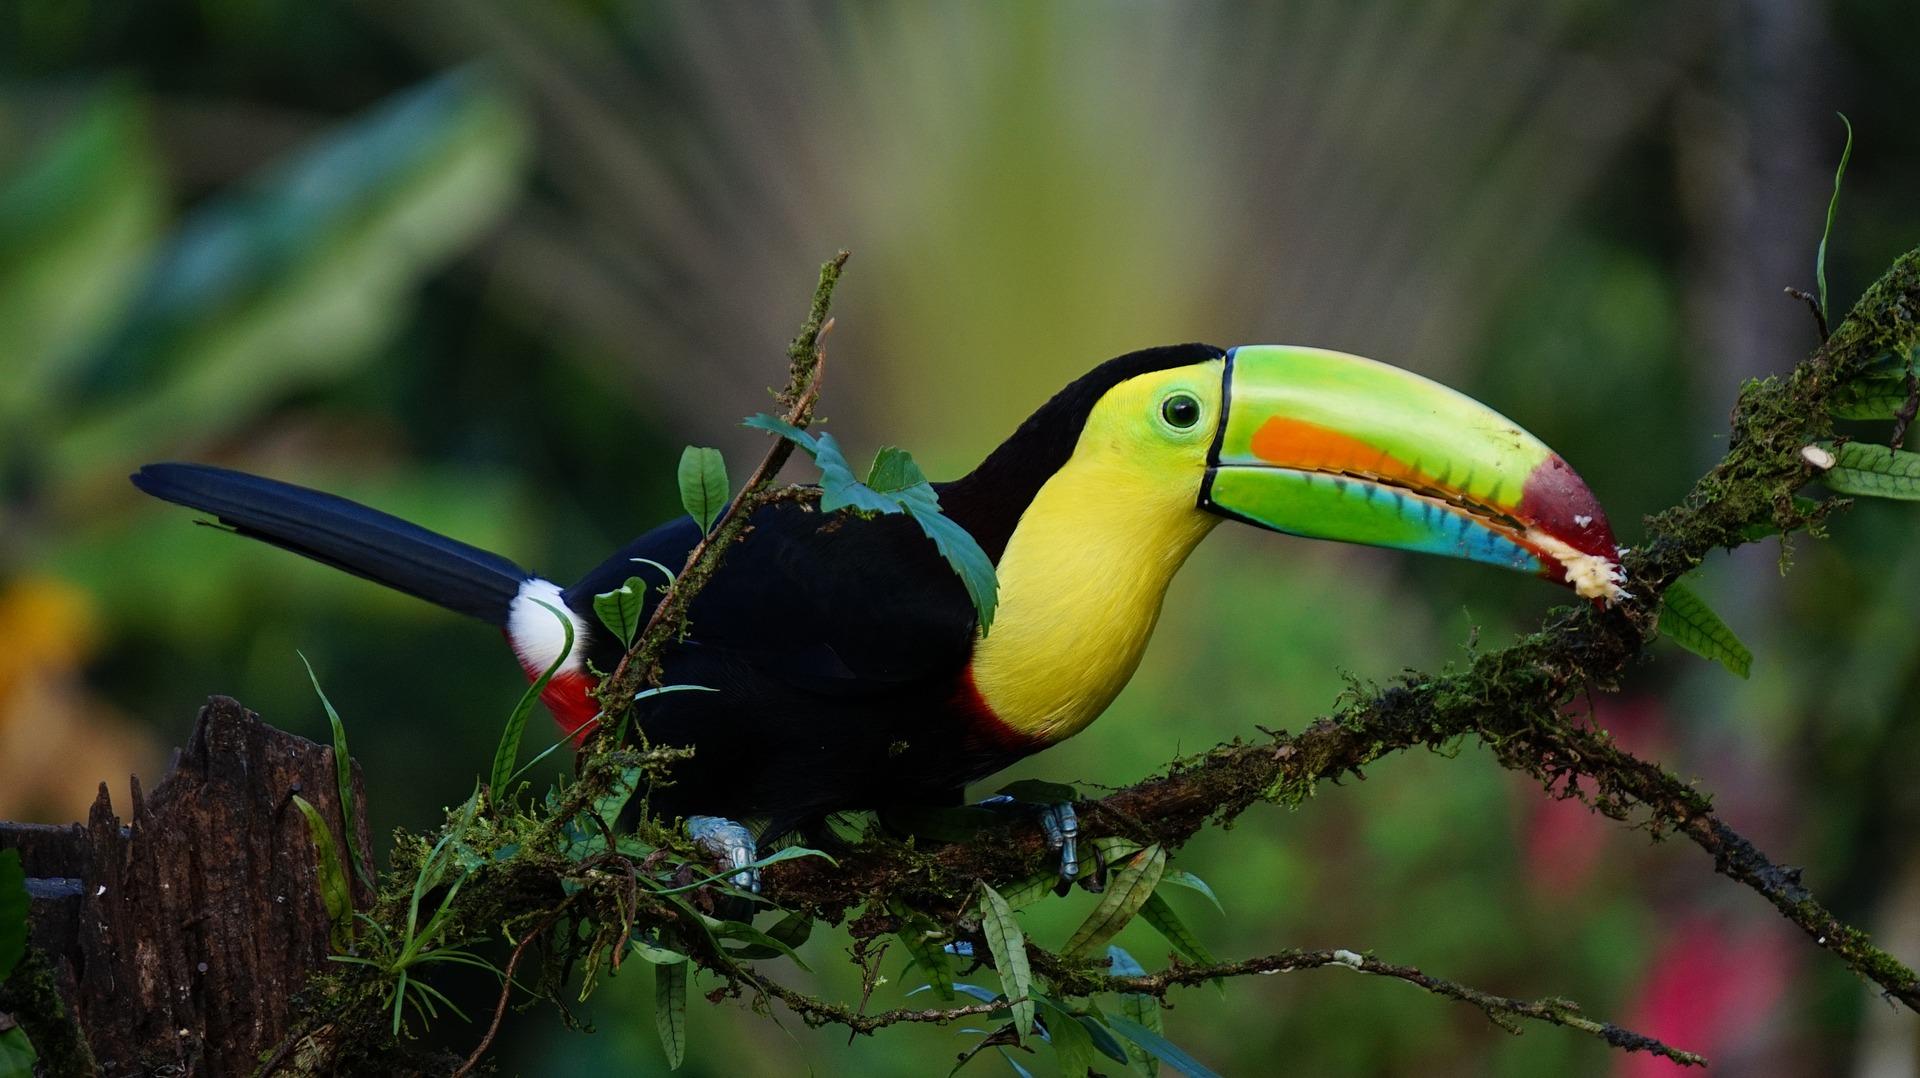 Sprachreise Costa Rica: Empfehlungen & Vergleich (06/21)